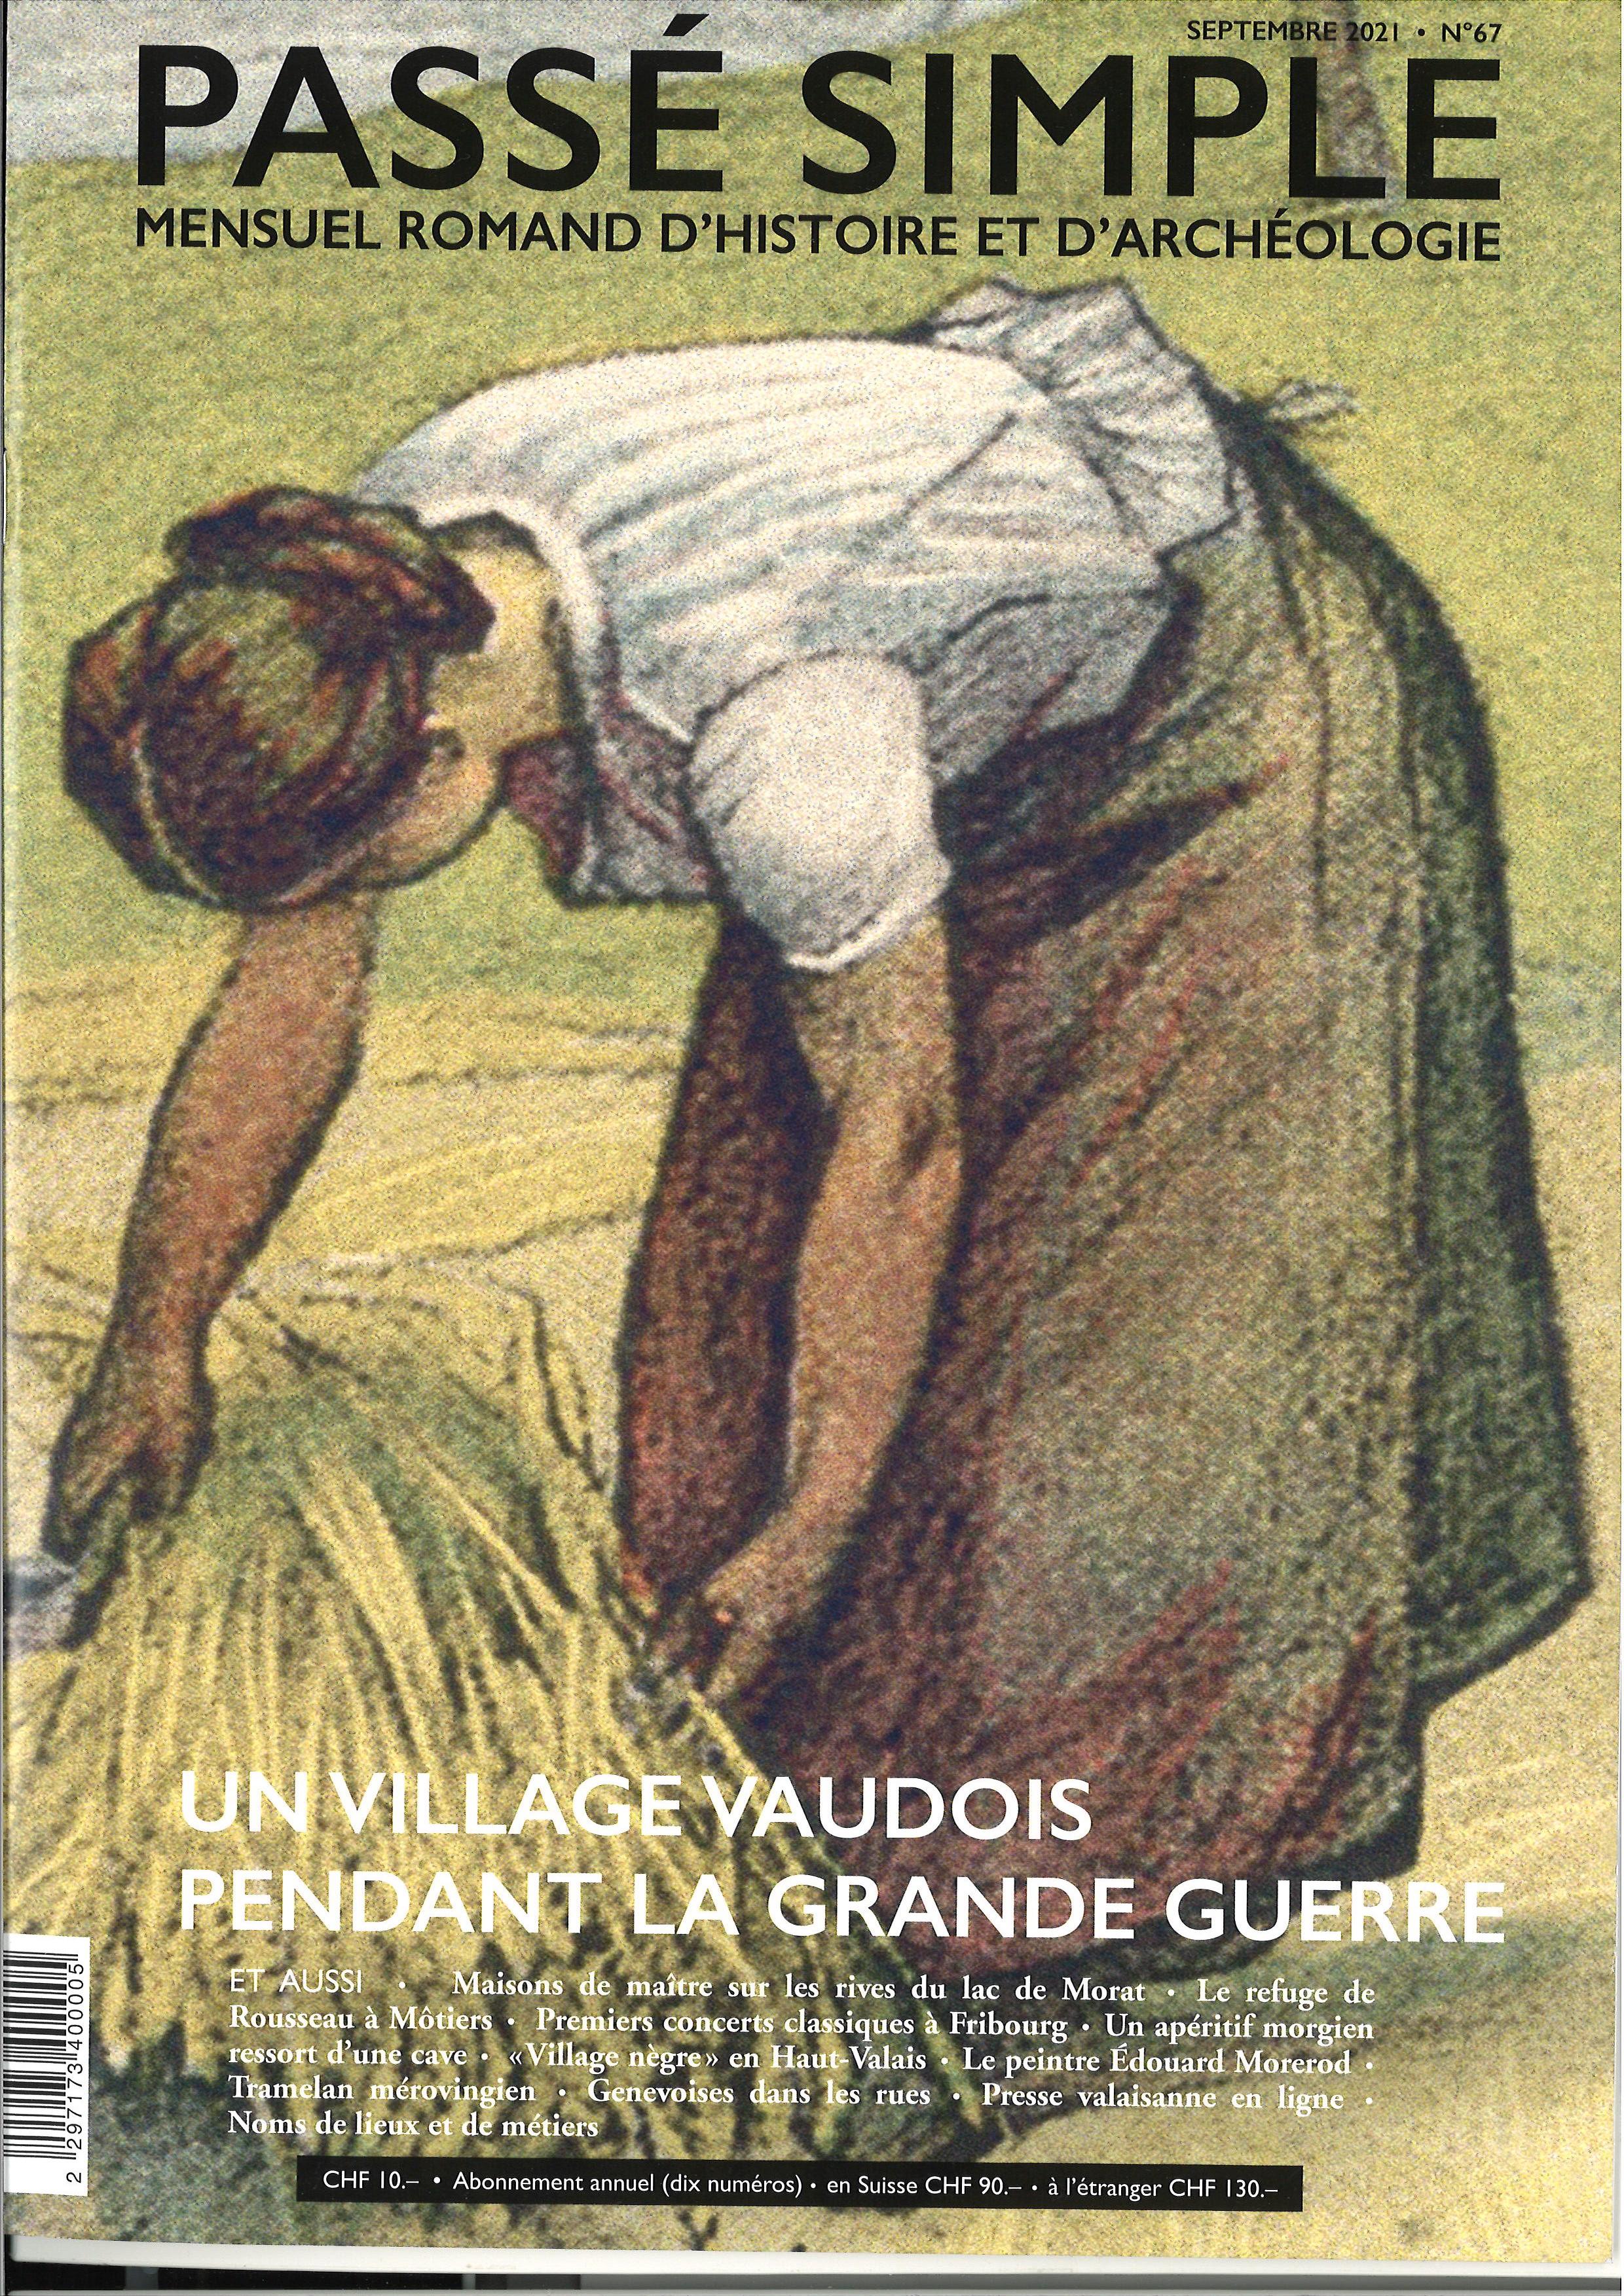 Passé simple : mensuel romand d'histoire et d'archéologie. N° 67, septembre 2021, Collectif